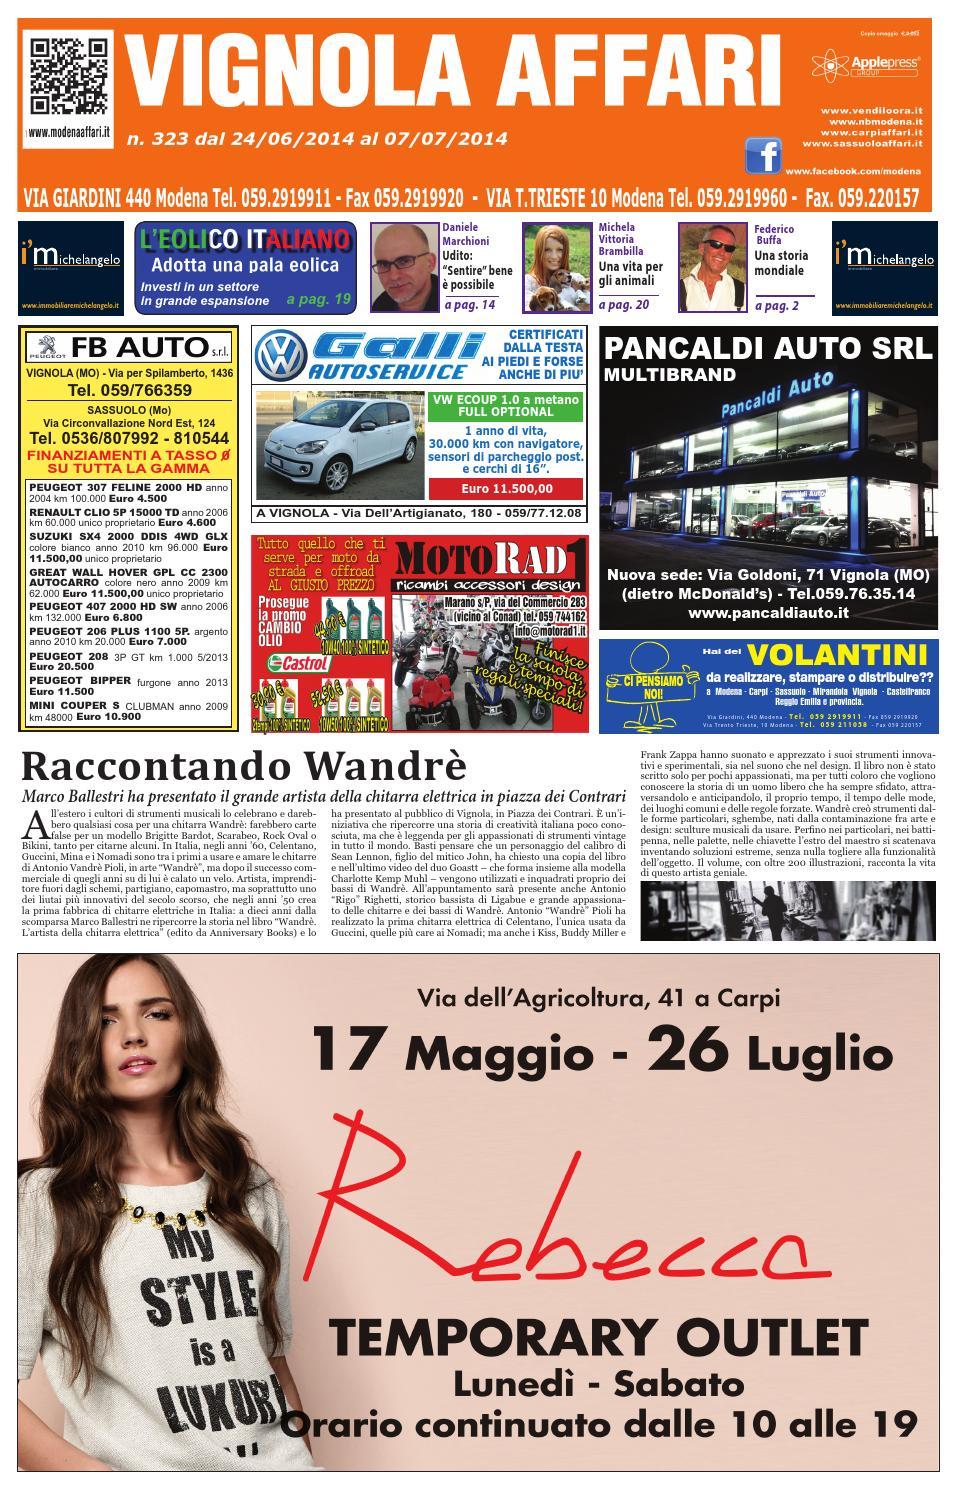 Vignola affari 323 by apple press group srl issuu for Planimetrie di 2000 piedi quadrati una storia